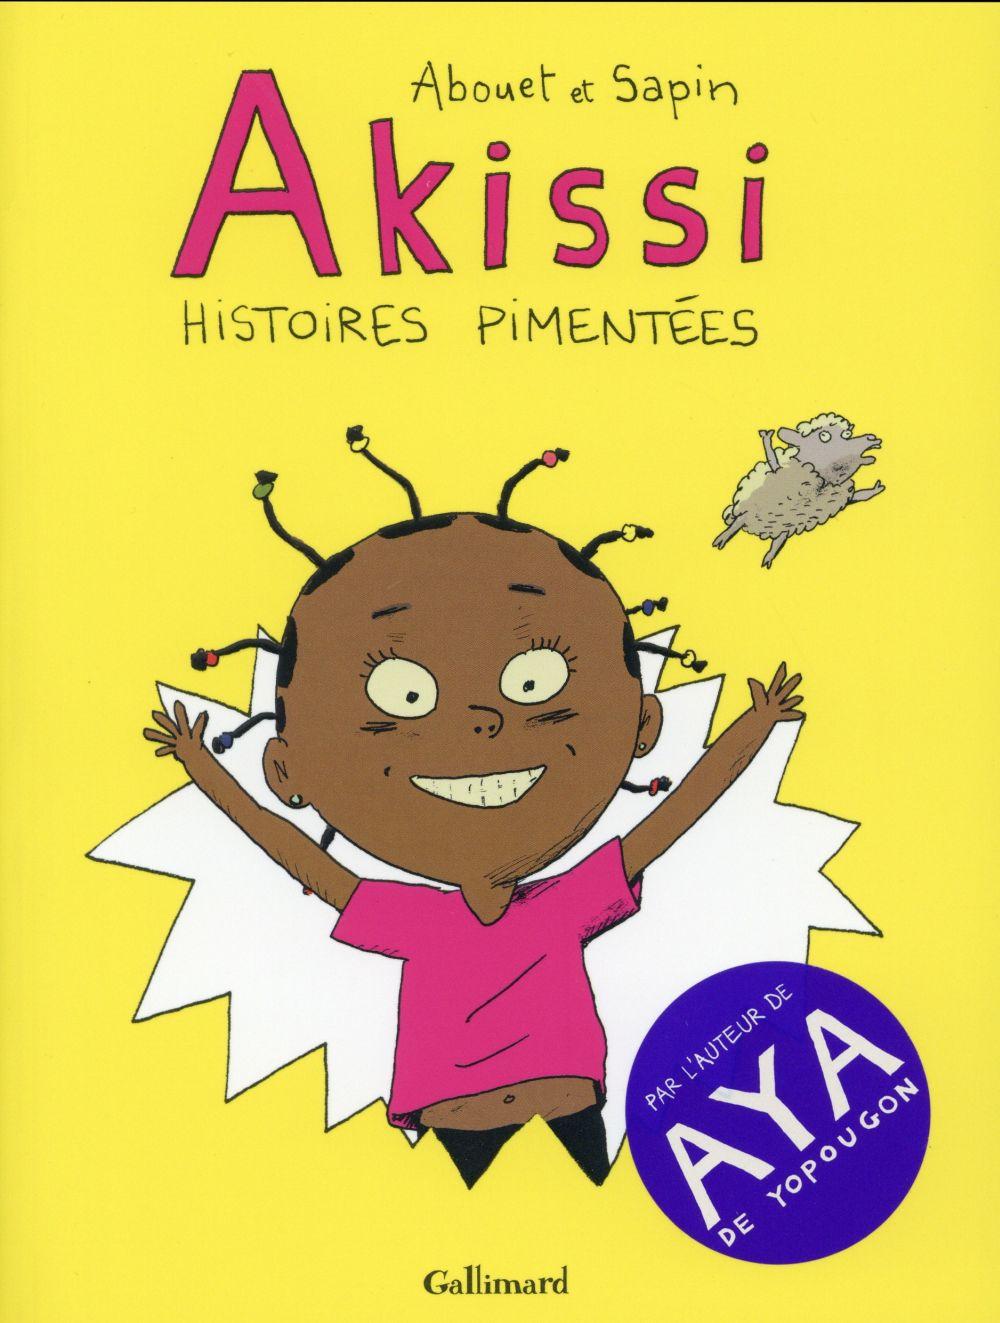 AKISSI, HISTOIRES PIMENTEES